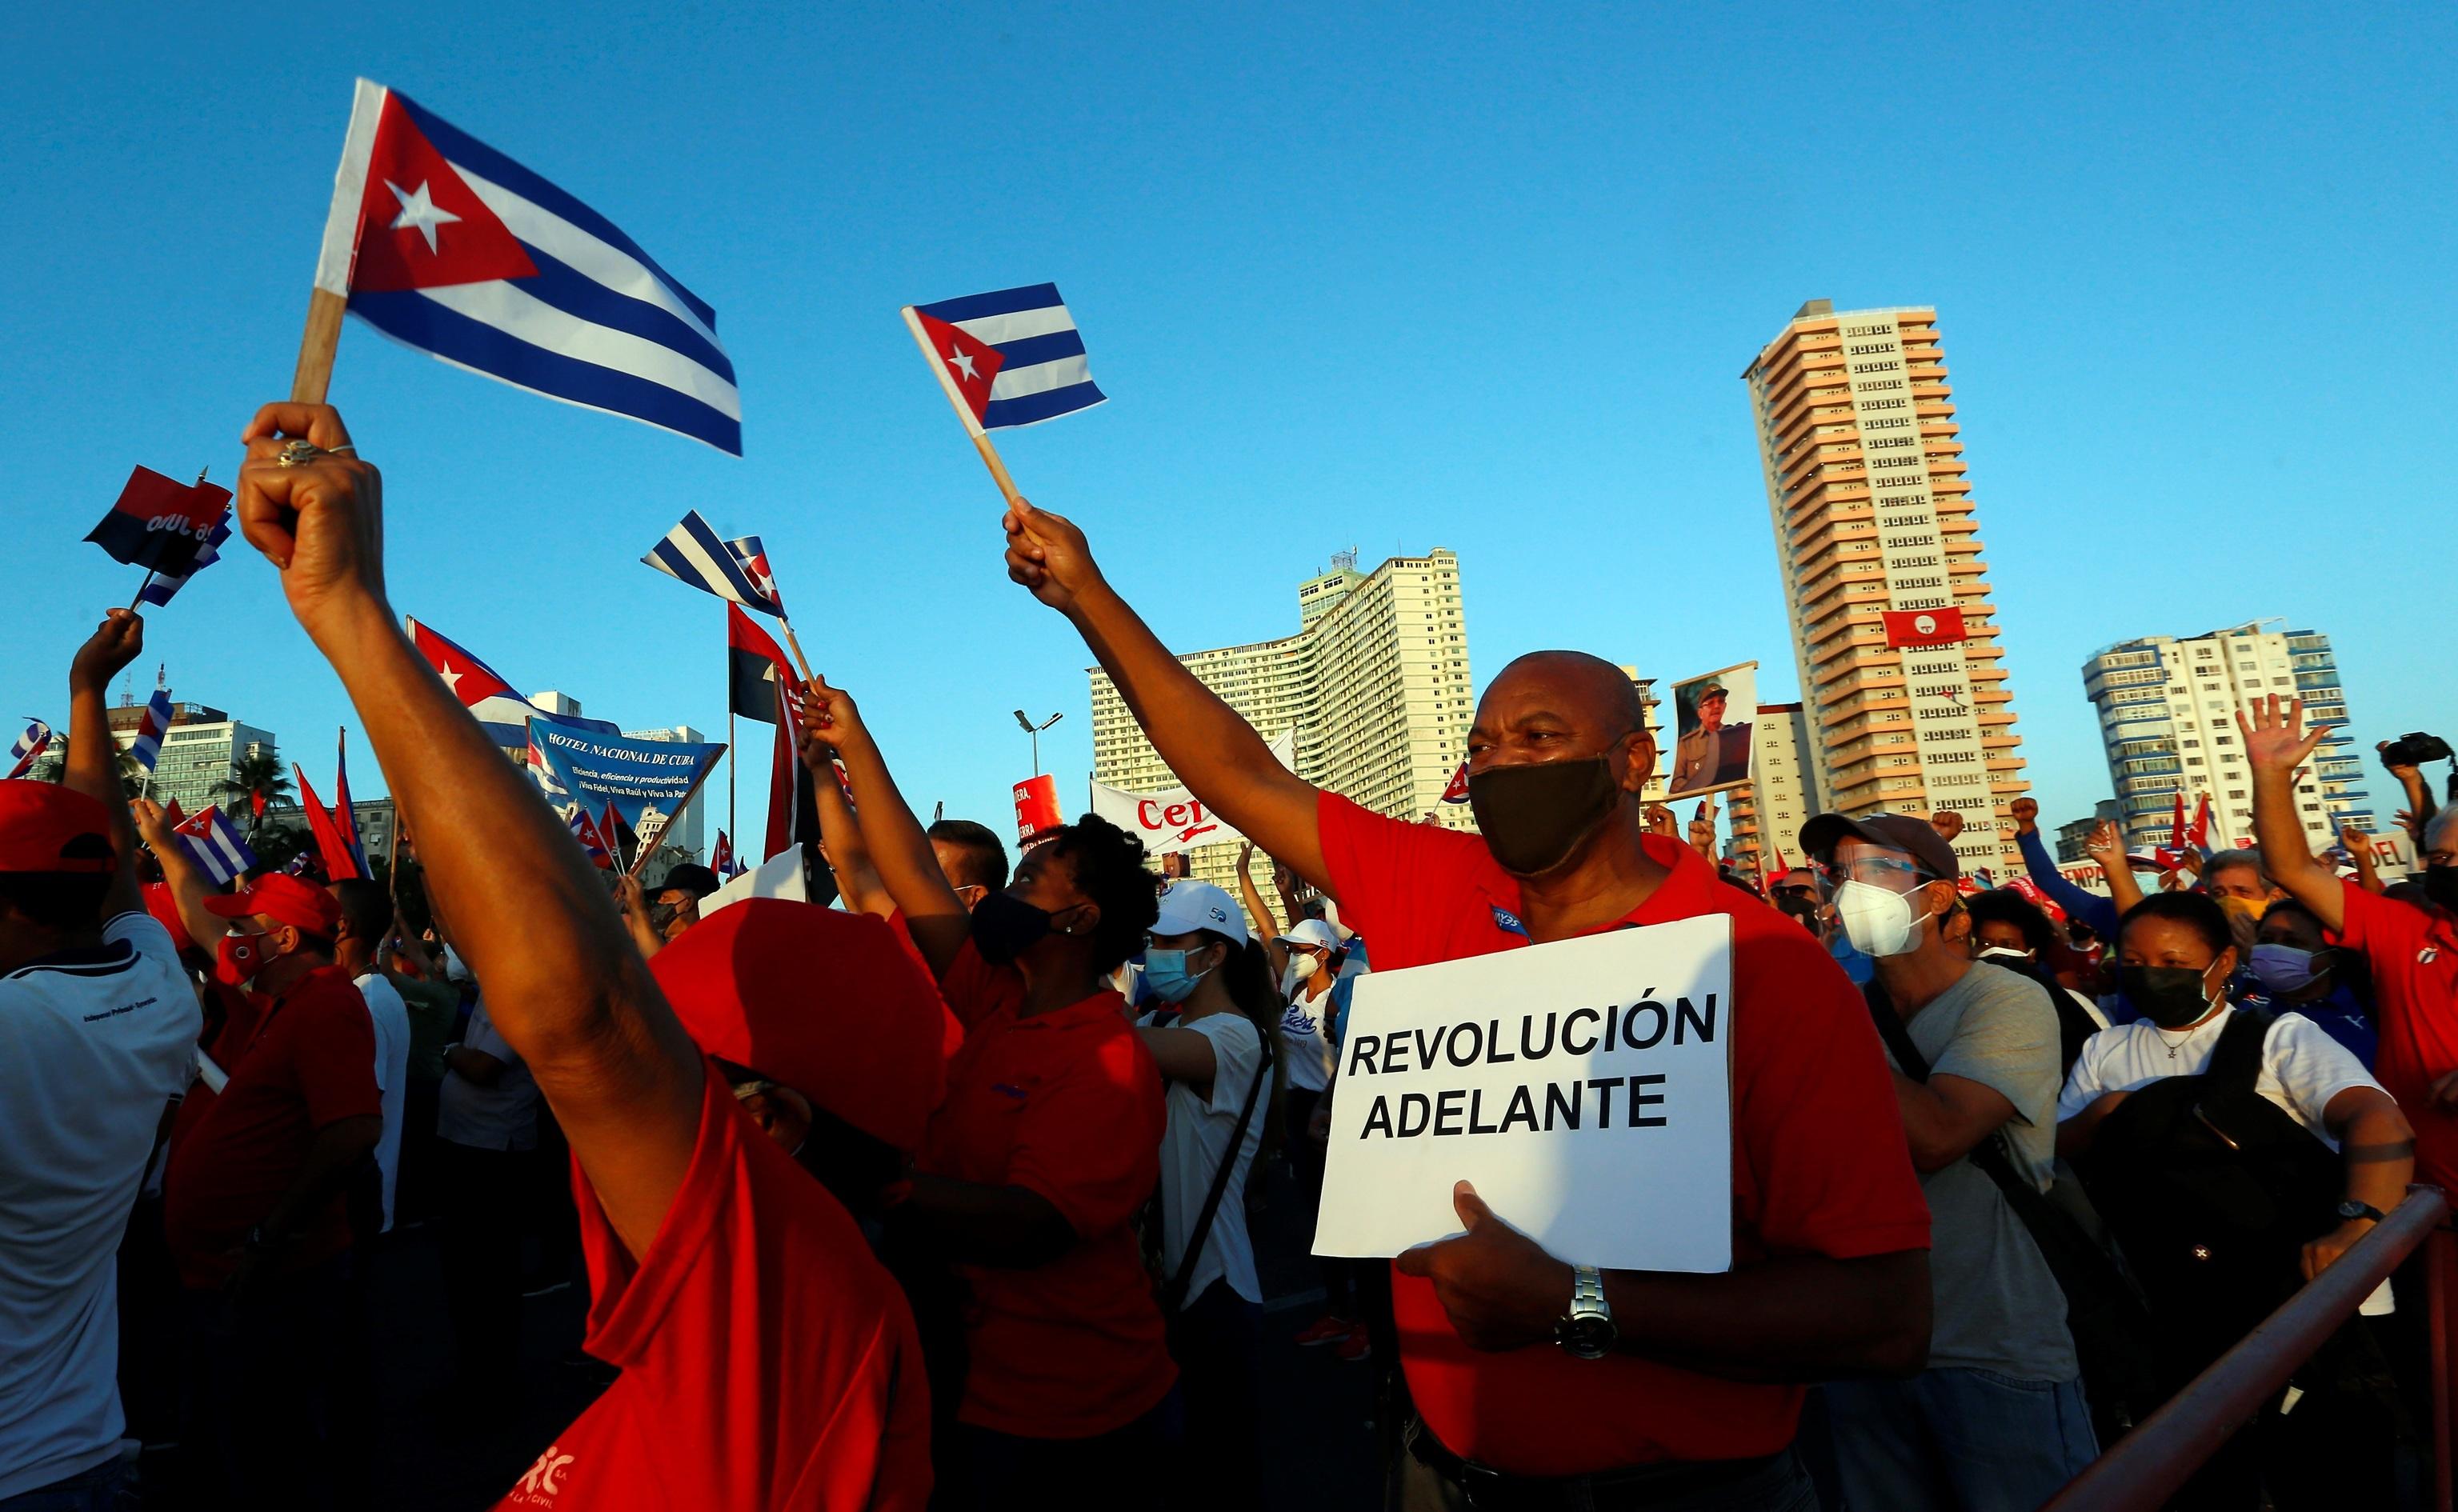 Miles de personas asisten a un acto de apoyo a la revolución hoy en La Habana.